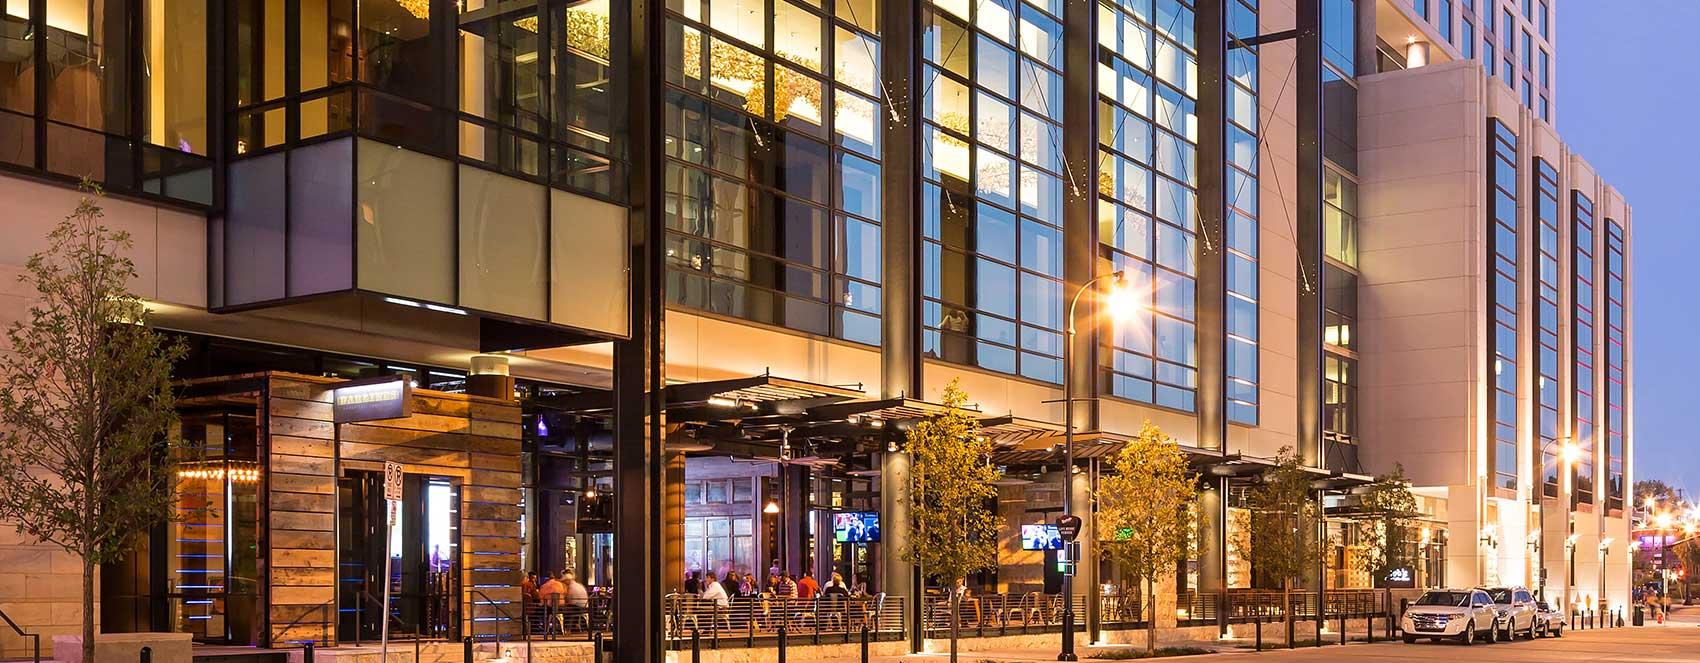 Downtown Nashville Hotels | Omni Nashville Hotel